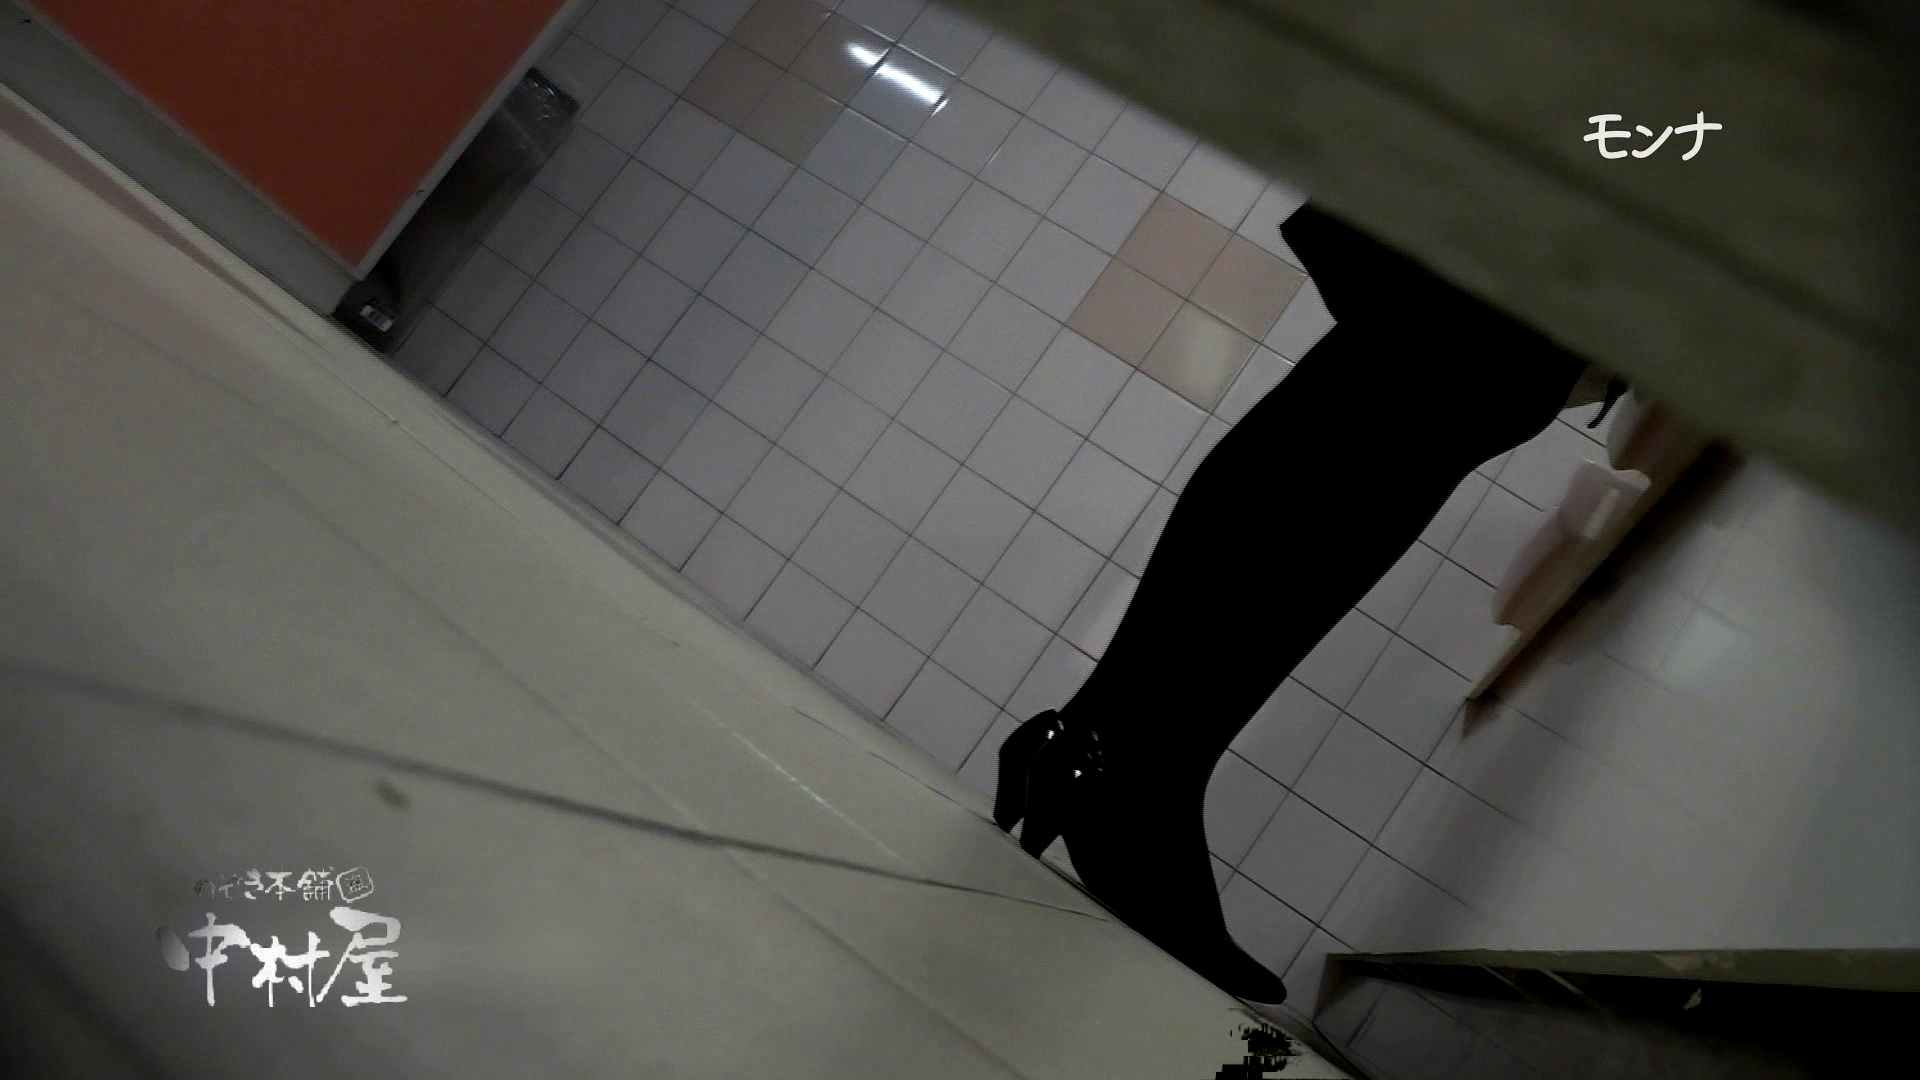 【美しい日本の未来】新学期!!下半身中心に攻めてます美女可愛い女子悪戯盗satuトイレ後編 悪戯 | 下半身  97pic 26